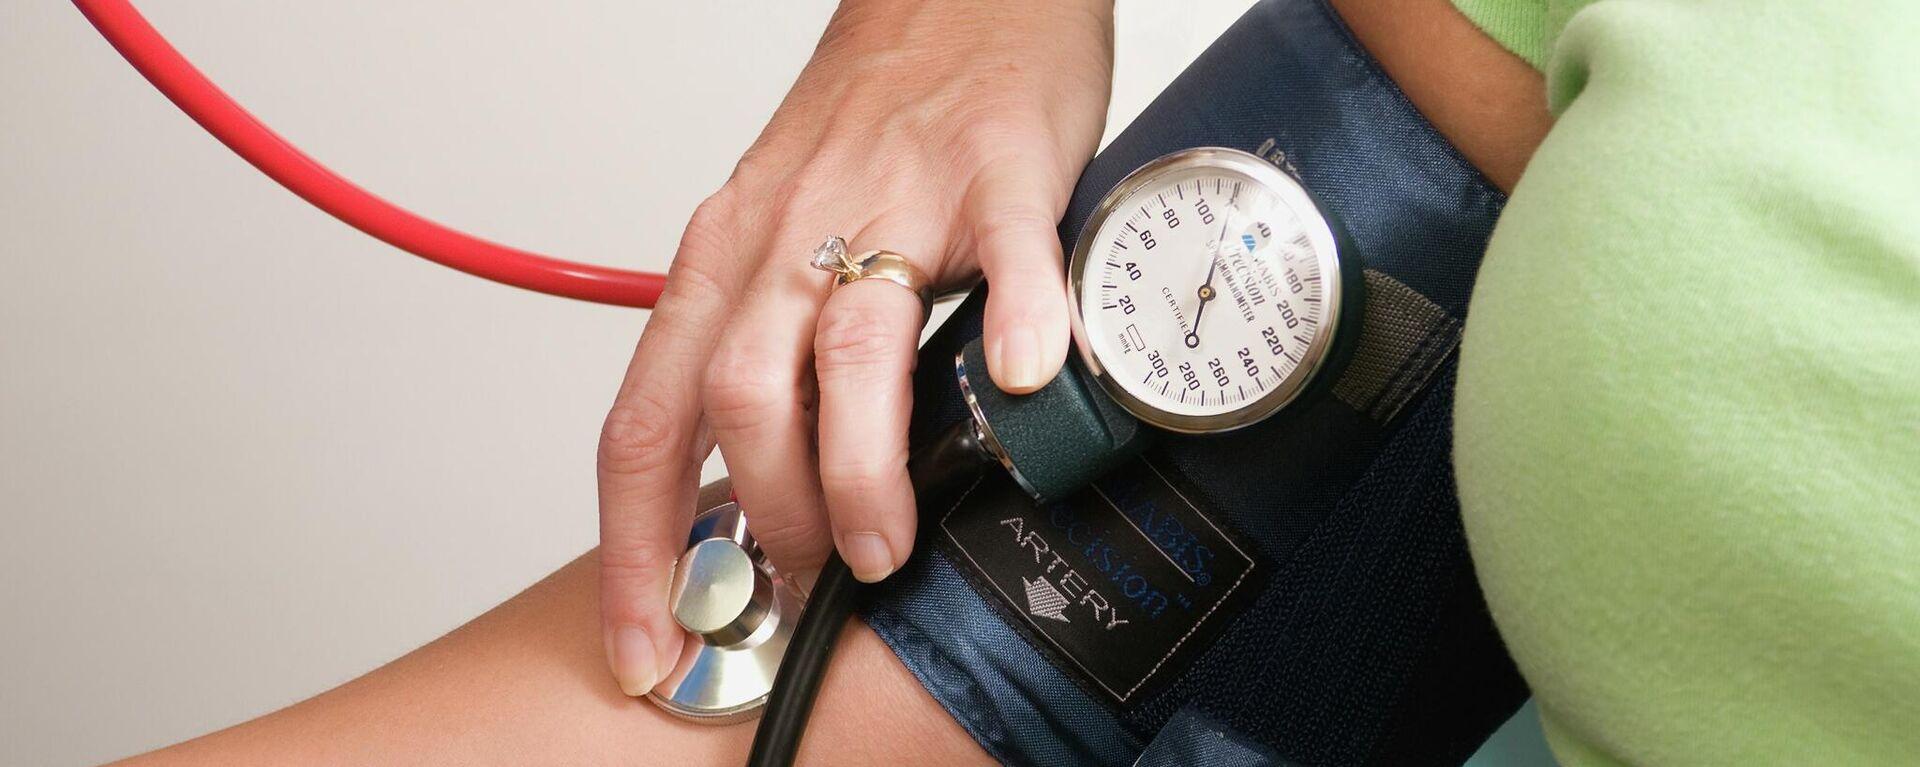 La presión arterial, imagen ilustrativa - Sputnik Mundo, 1920, 05.10.2021